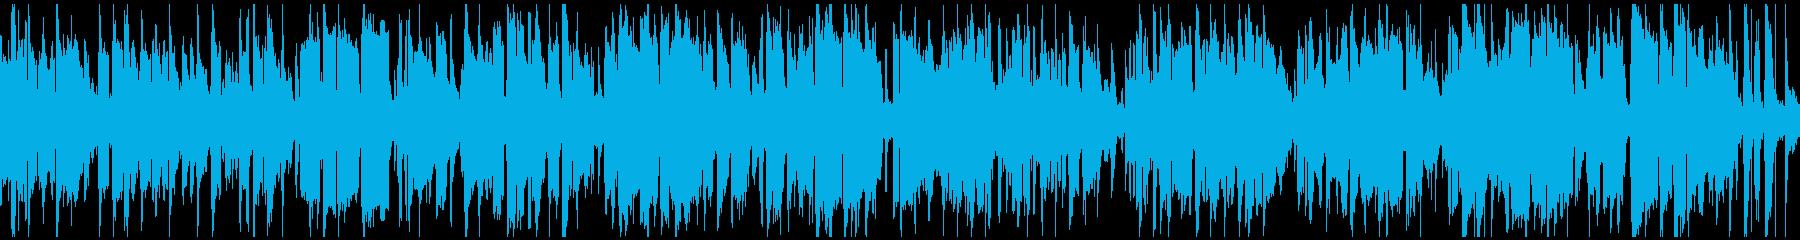 爽快アミューズメント系ファンク※ループ版の再生済みの波形